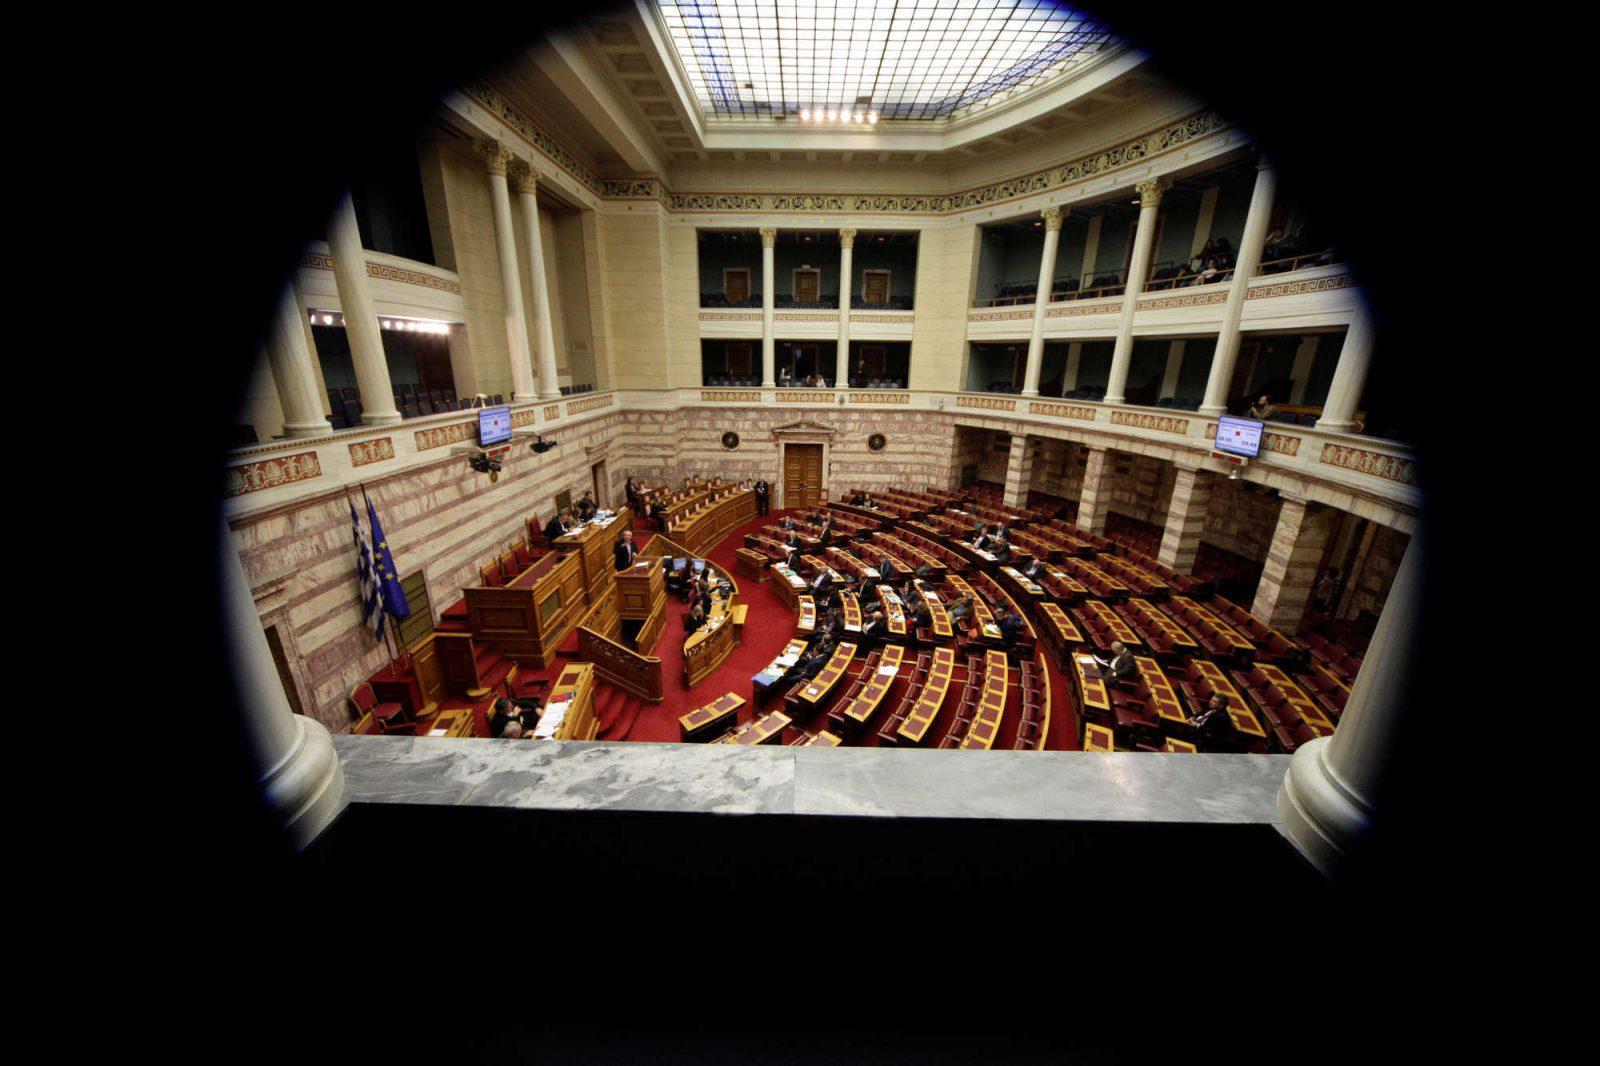 Κατατέθηκε στη Βουλή το νομοσχέδιο για την ψήφο των Ελλήνων του εξωτερικού